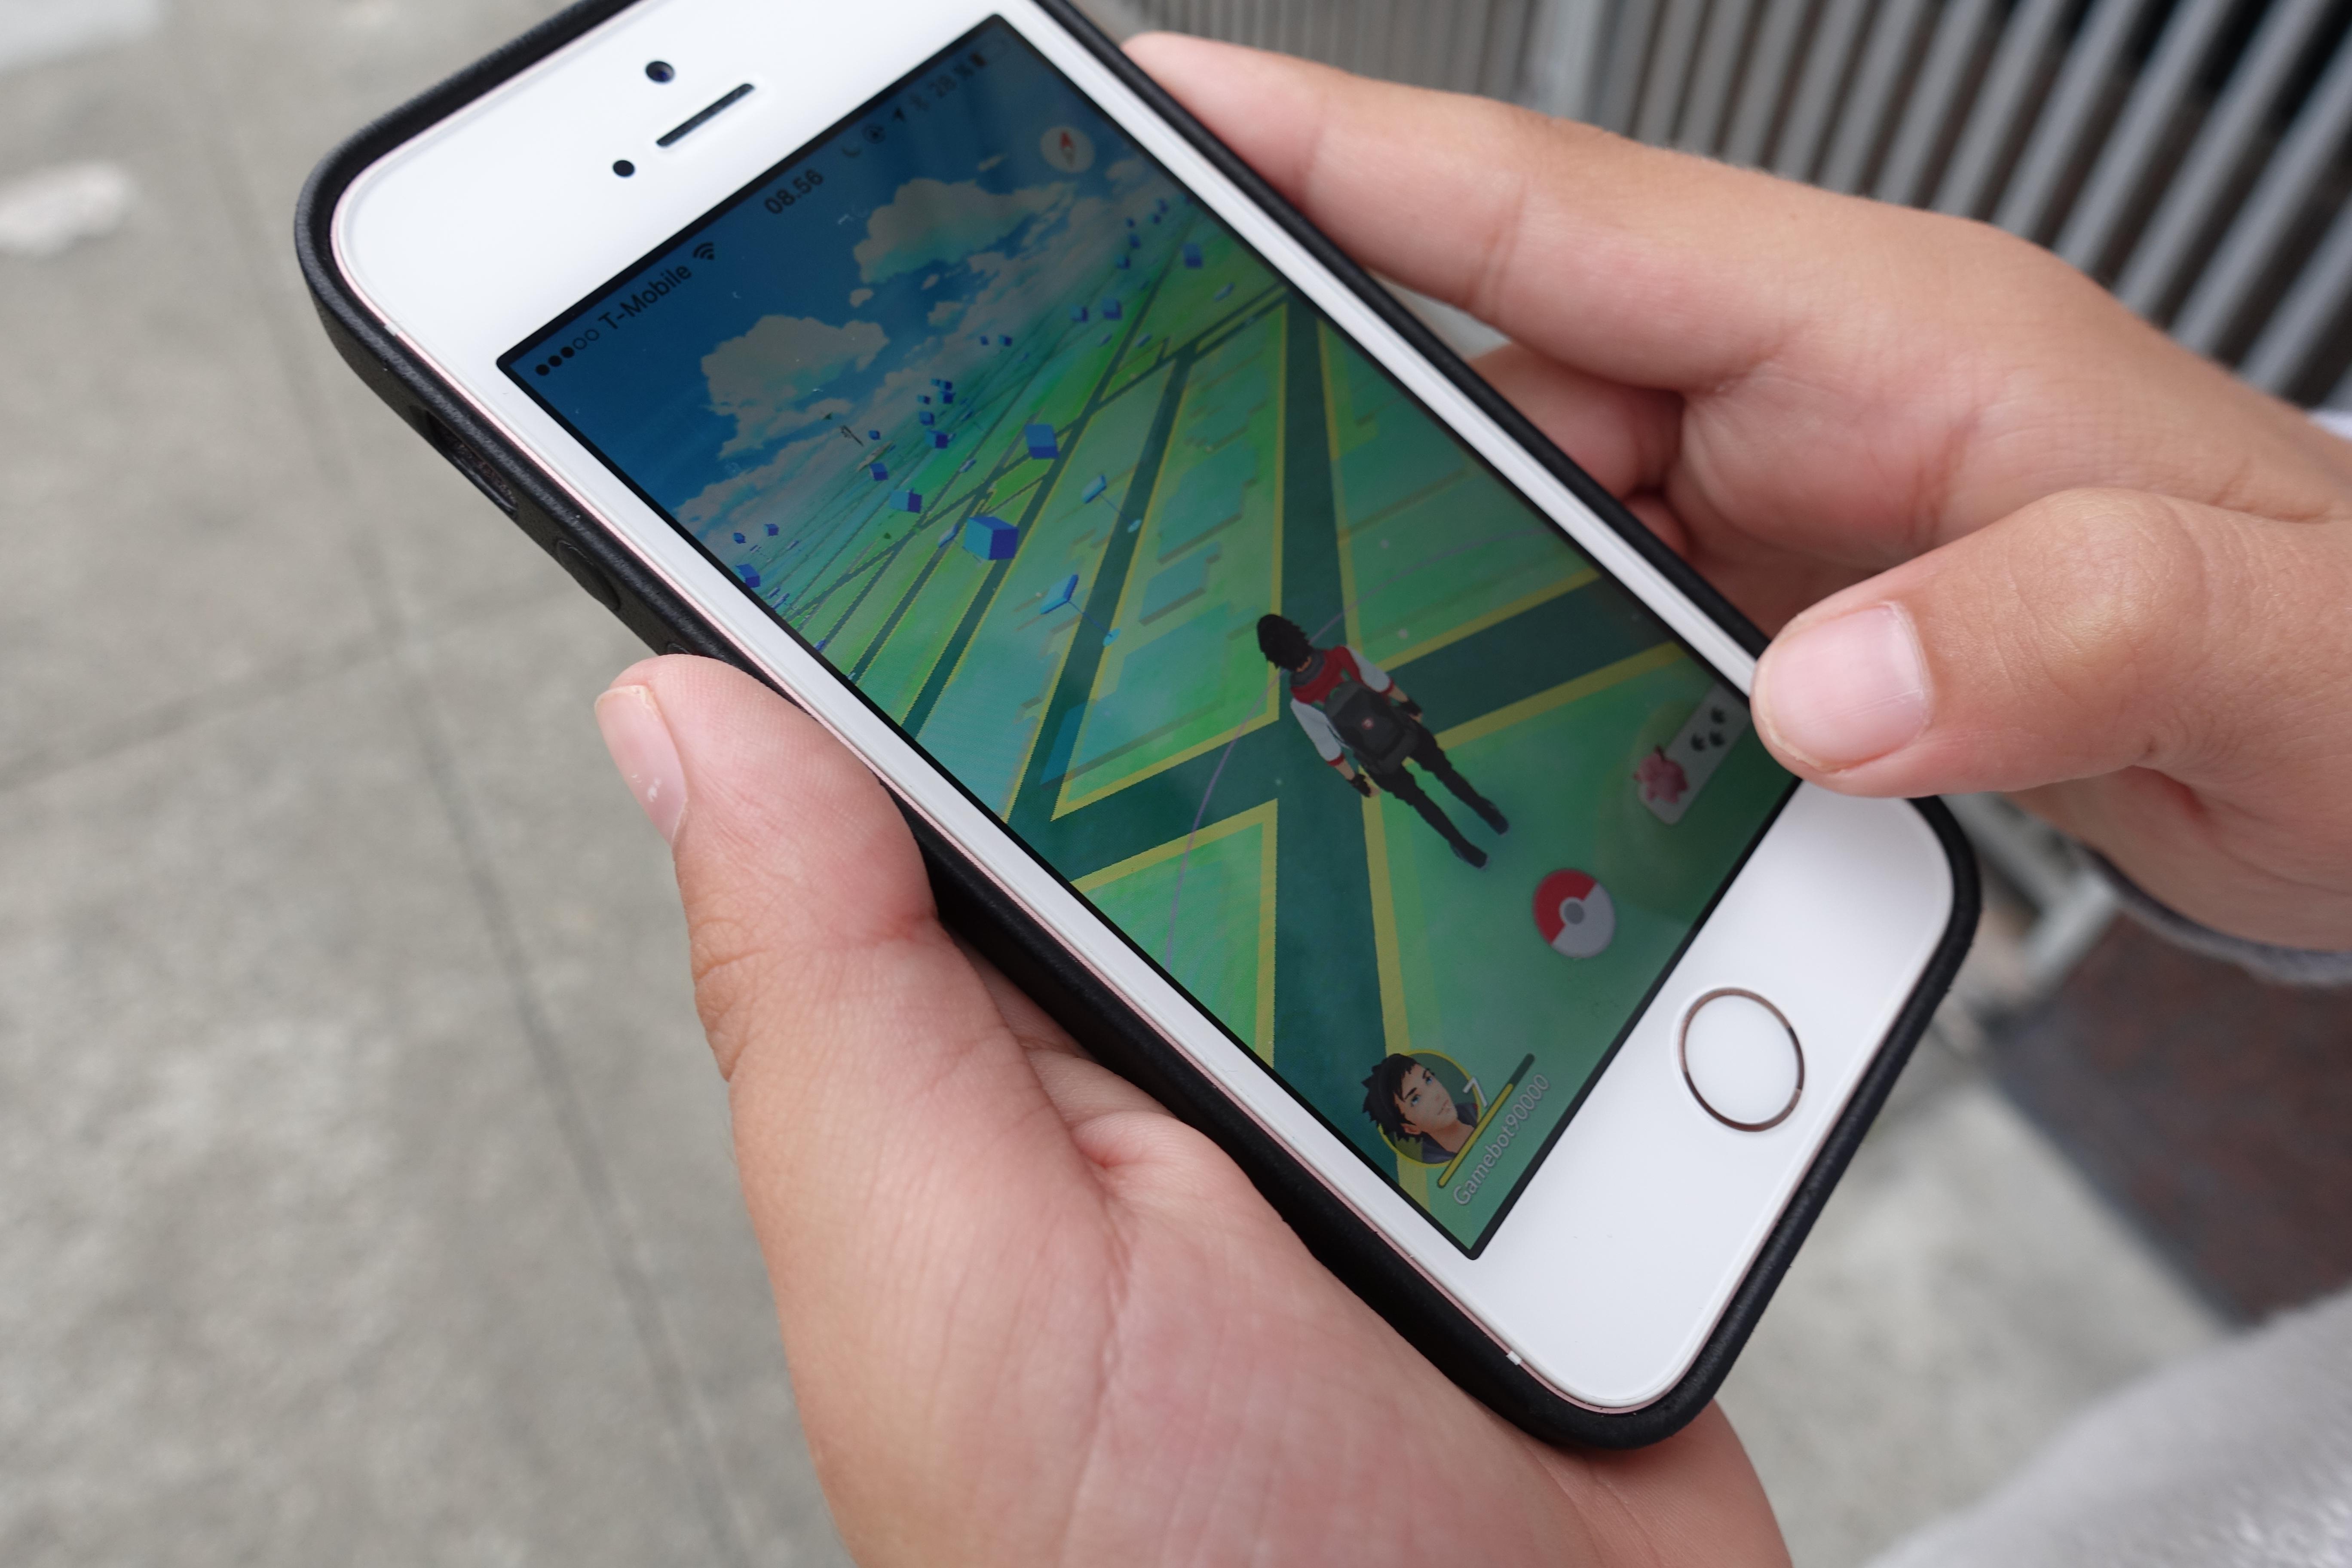 Locke mener man oftere bør ha mulighet til å se gjennom mobil-kameraet og mindre på det kjedelige grønne kartet.